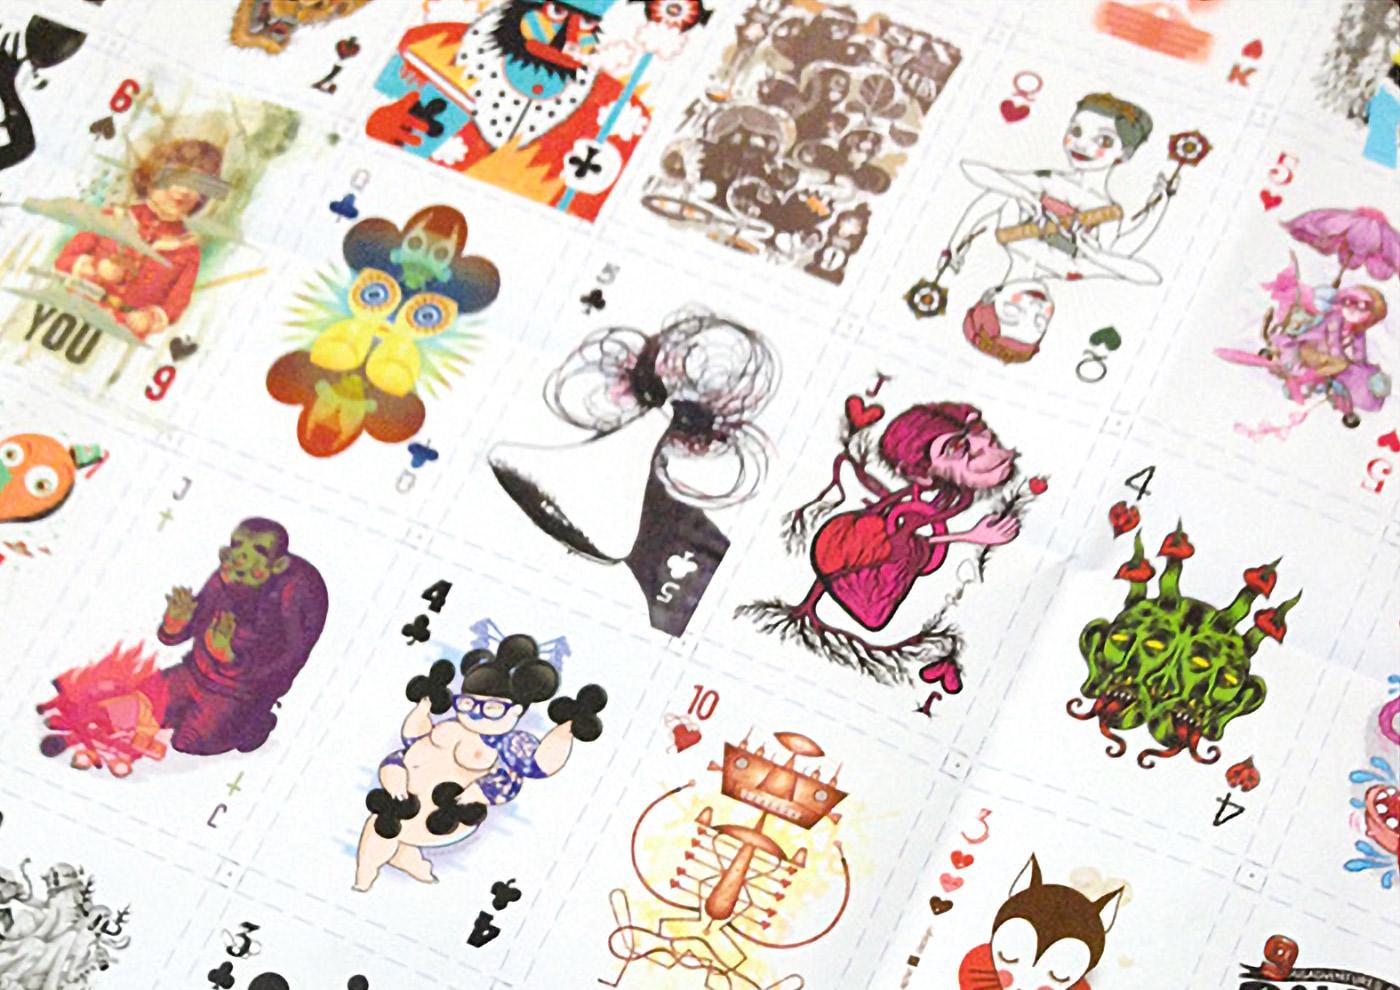 Bilder vom Druck der Herzdame (Queen of Hearts) Spielkarte für das 52 Aces Reloaded Pokerdeck für Zeixs